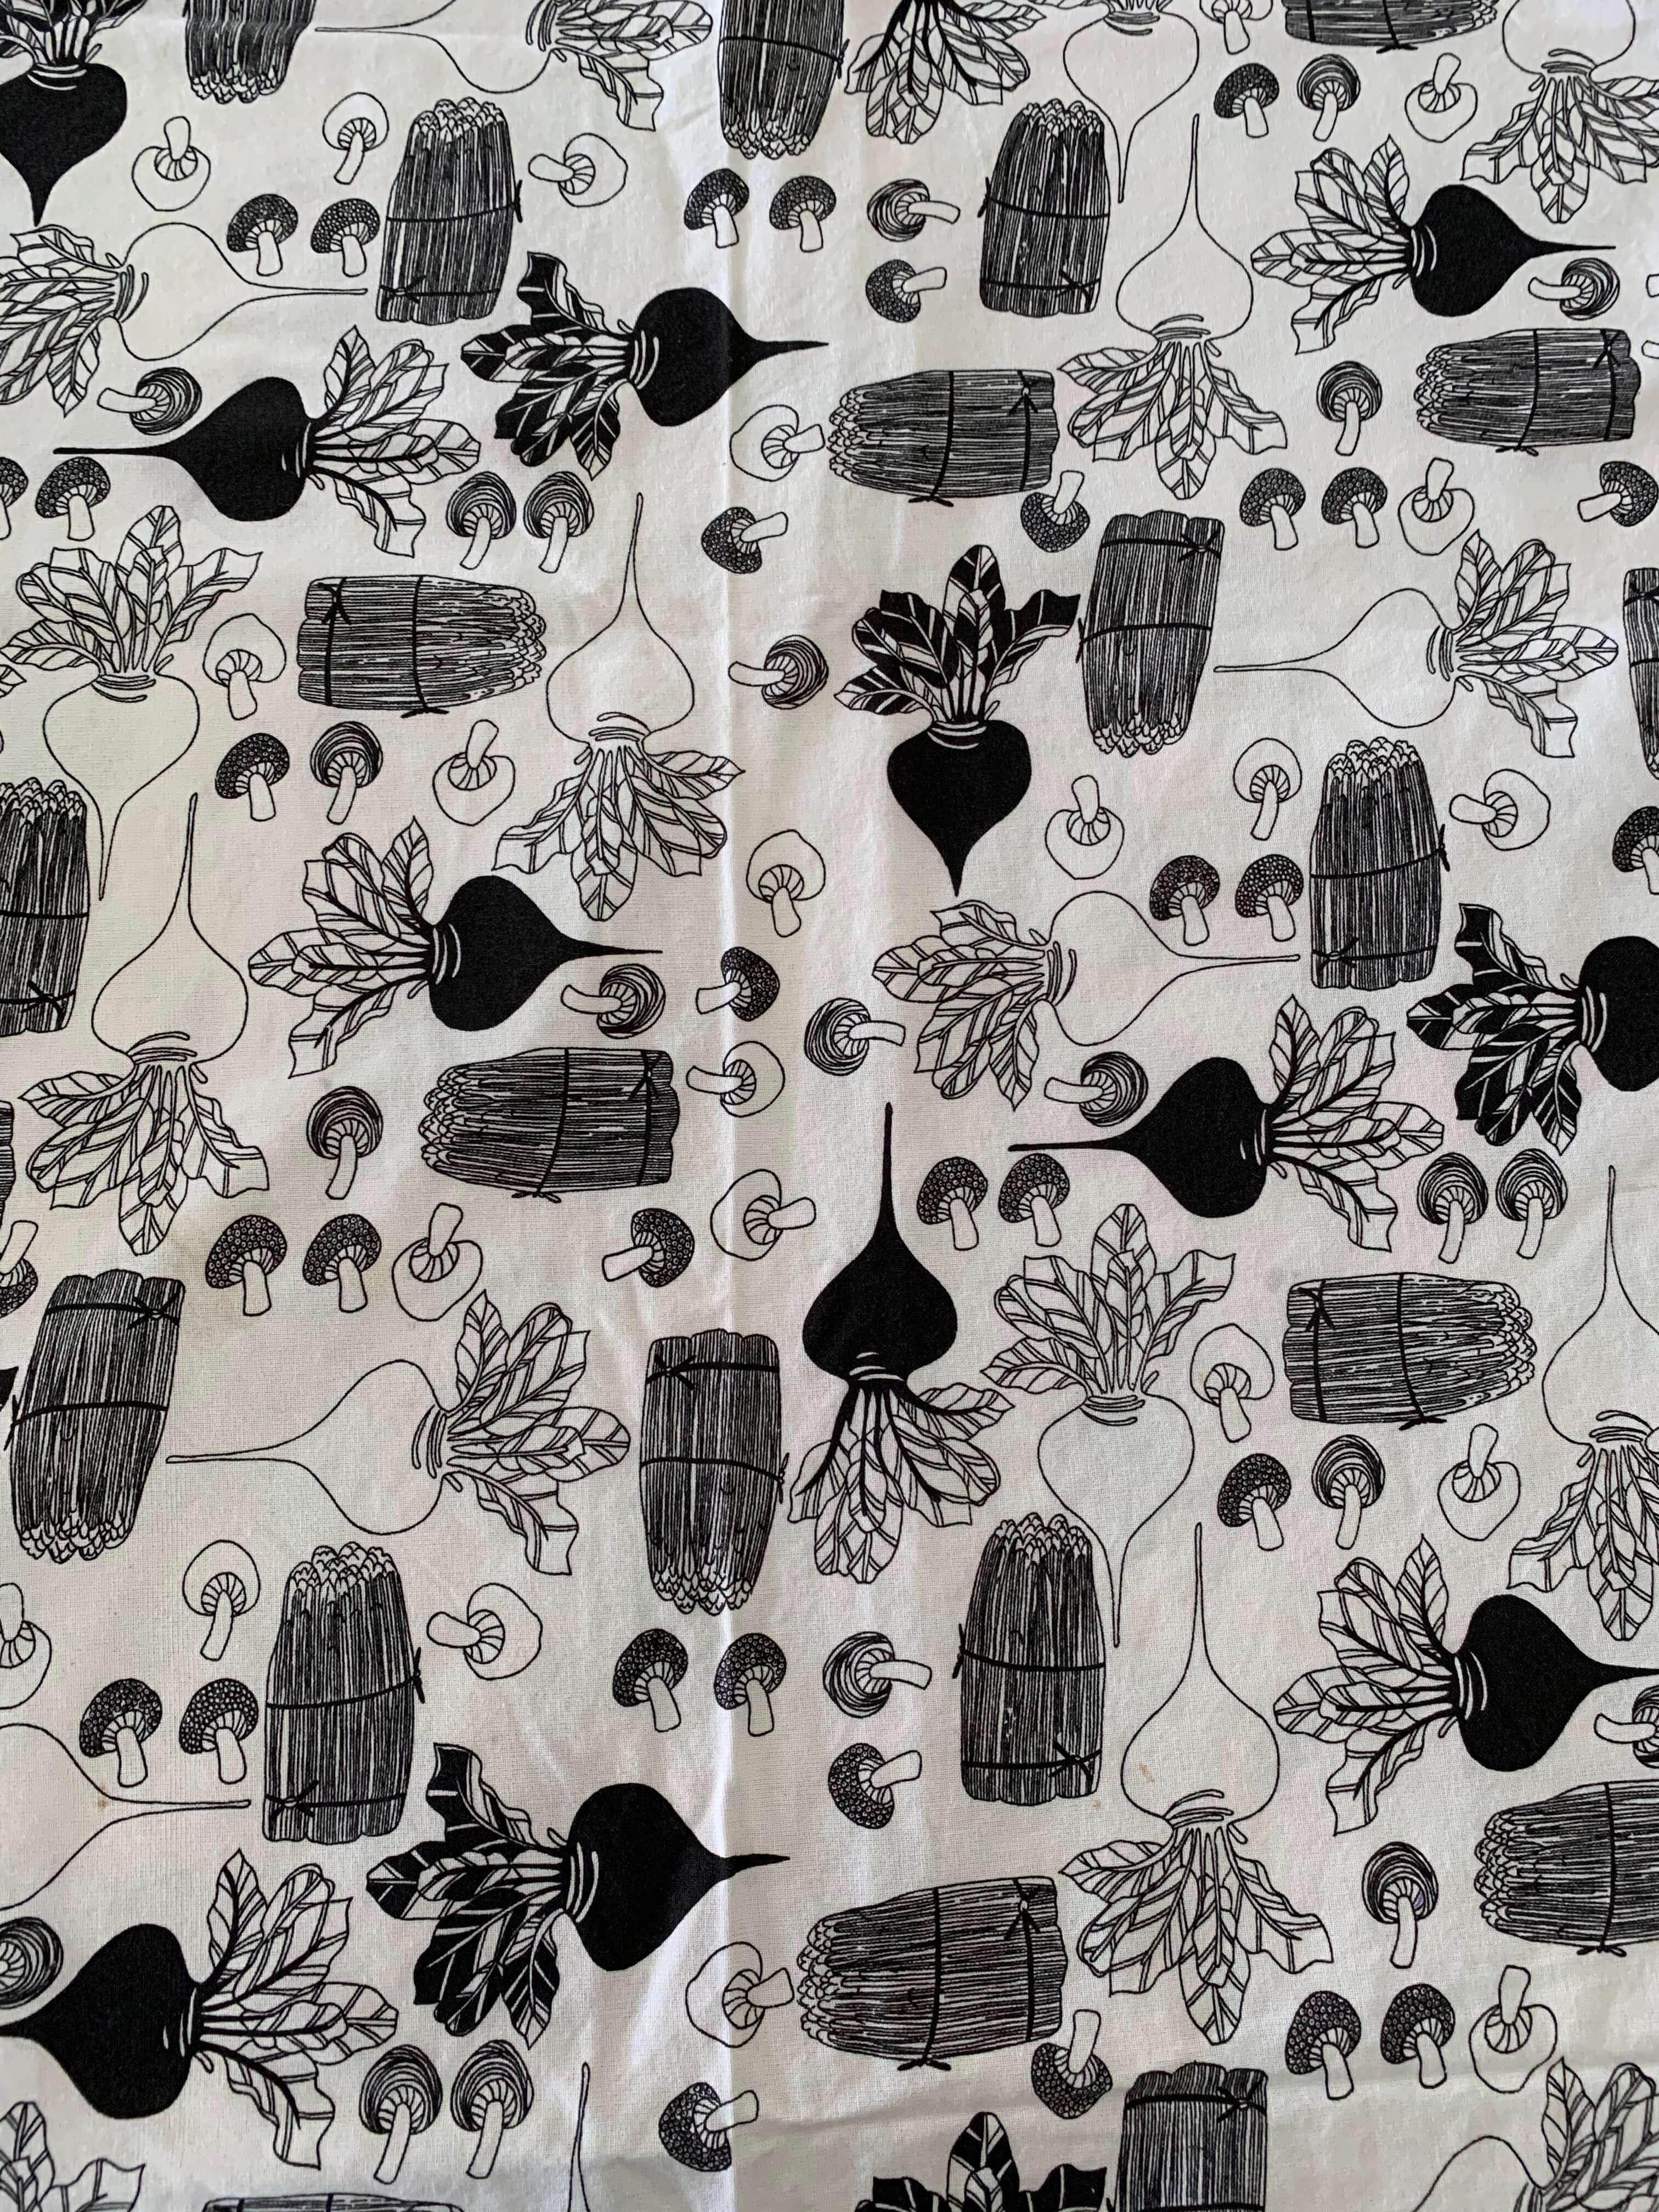 Pre-Loved Radish & Mushroom Table Cloth